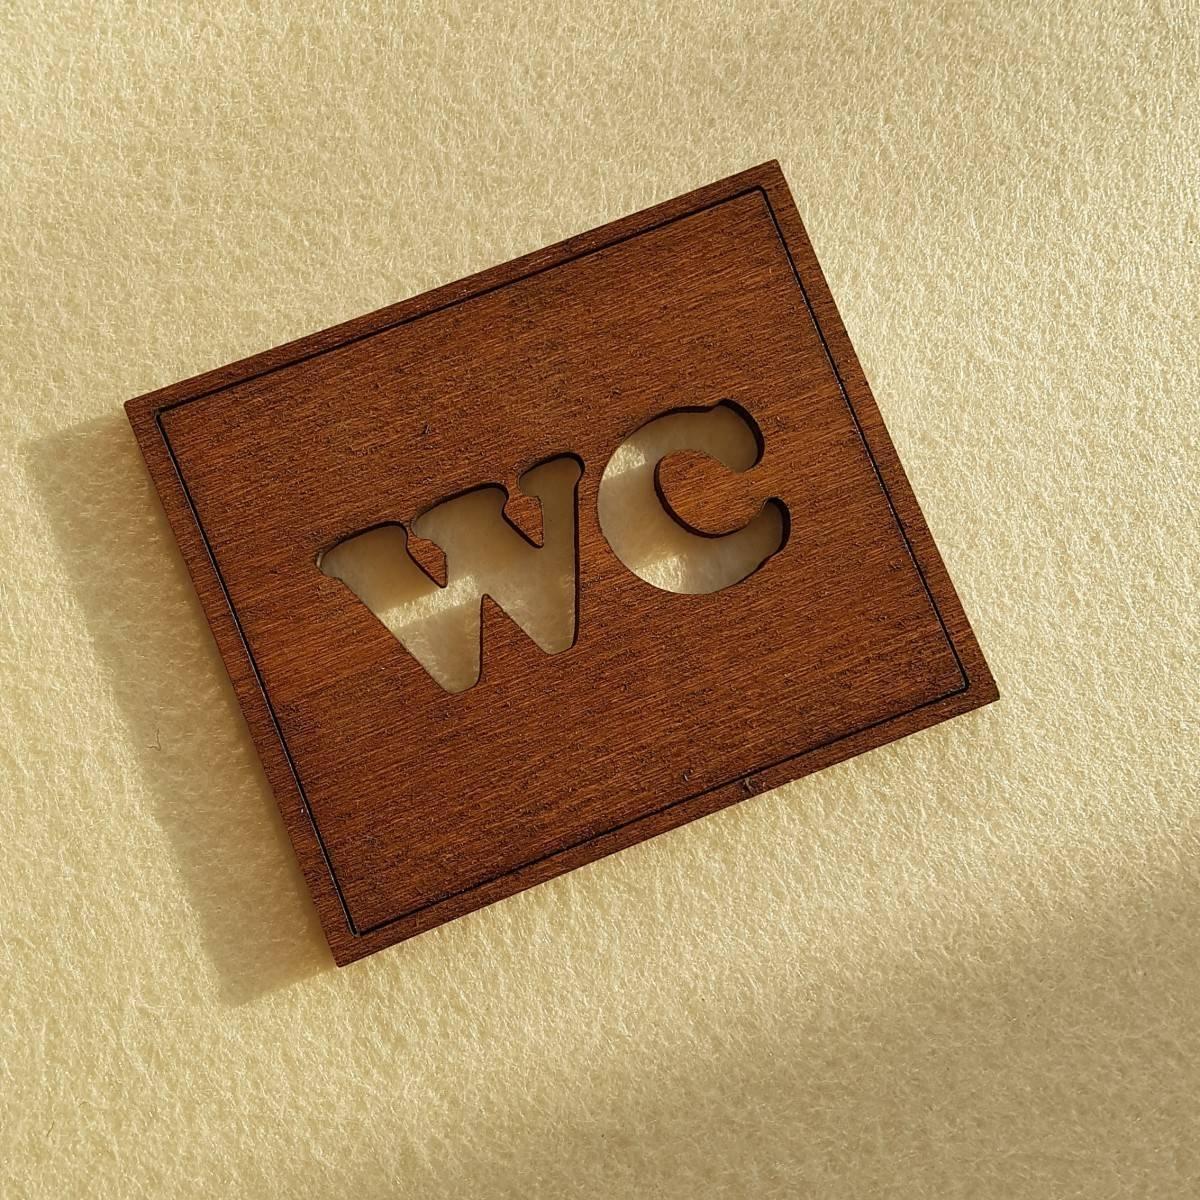 tabulka-s-oznacenim-wc